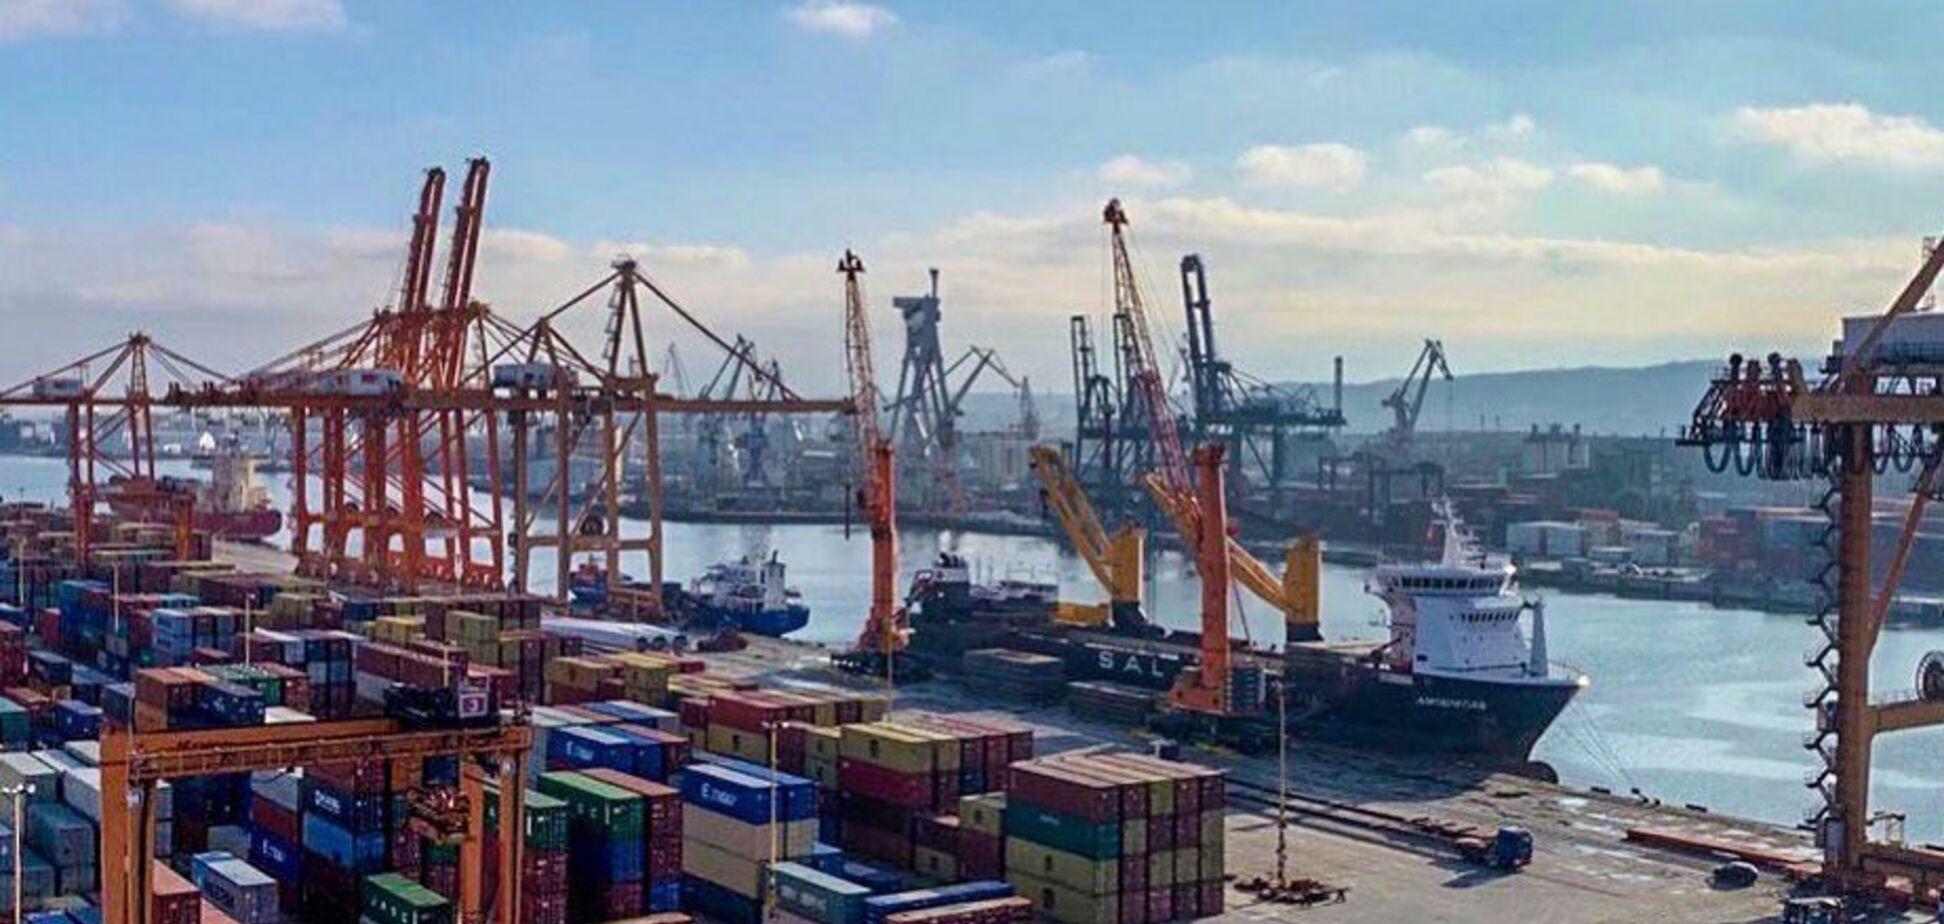 Якщо ми хочемо розвитку морських портів, дивіденди в бюджет не повинні перевищувати 30%, – експерт